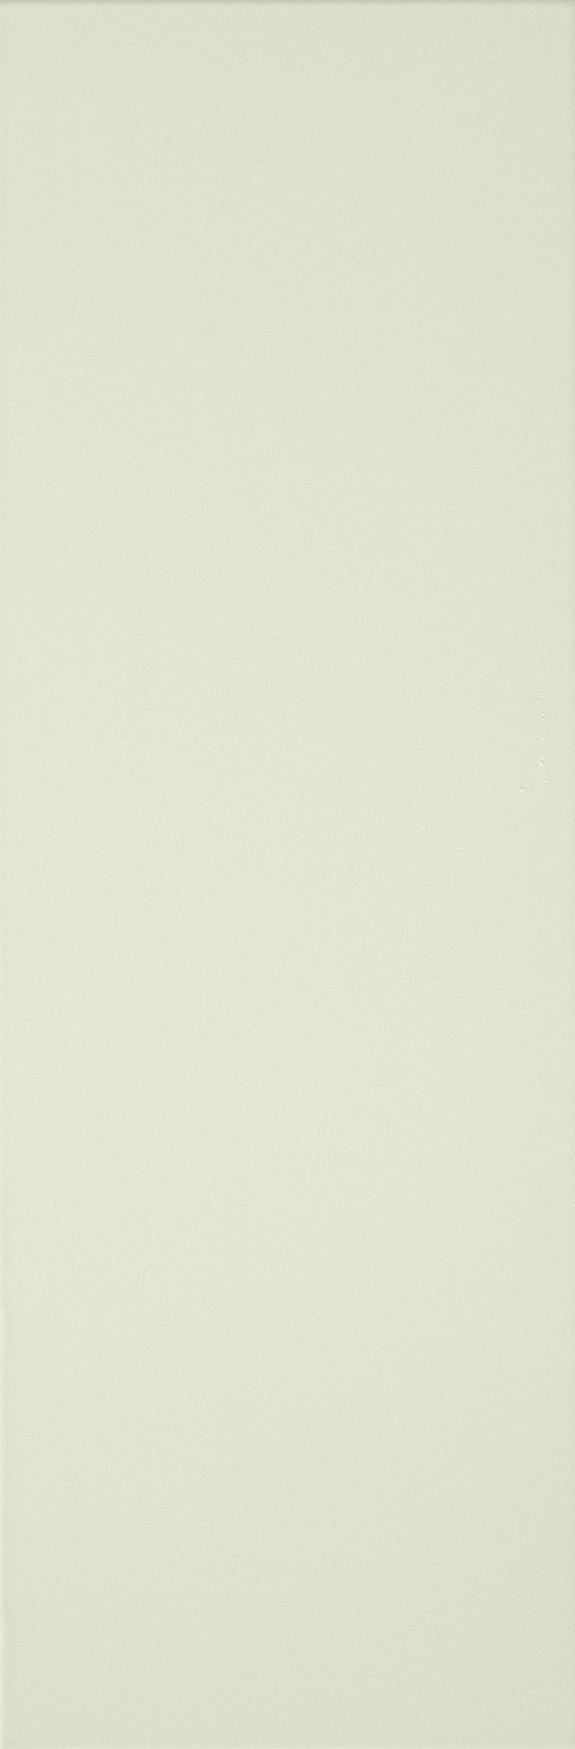 Настенная плитка FAP Ceramiche Lumina +23864 Beige Matt цена